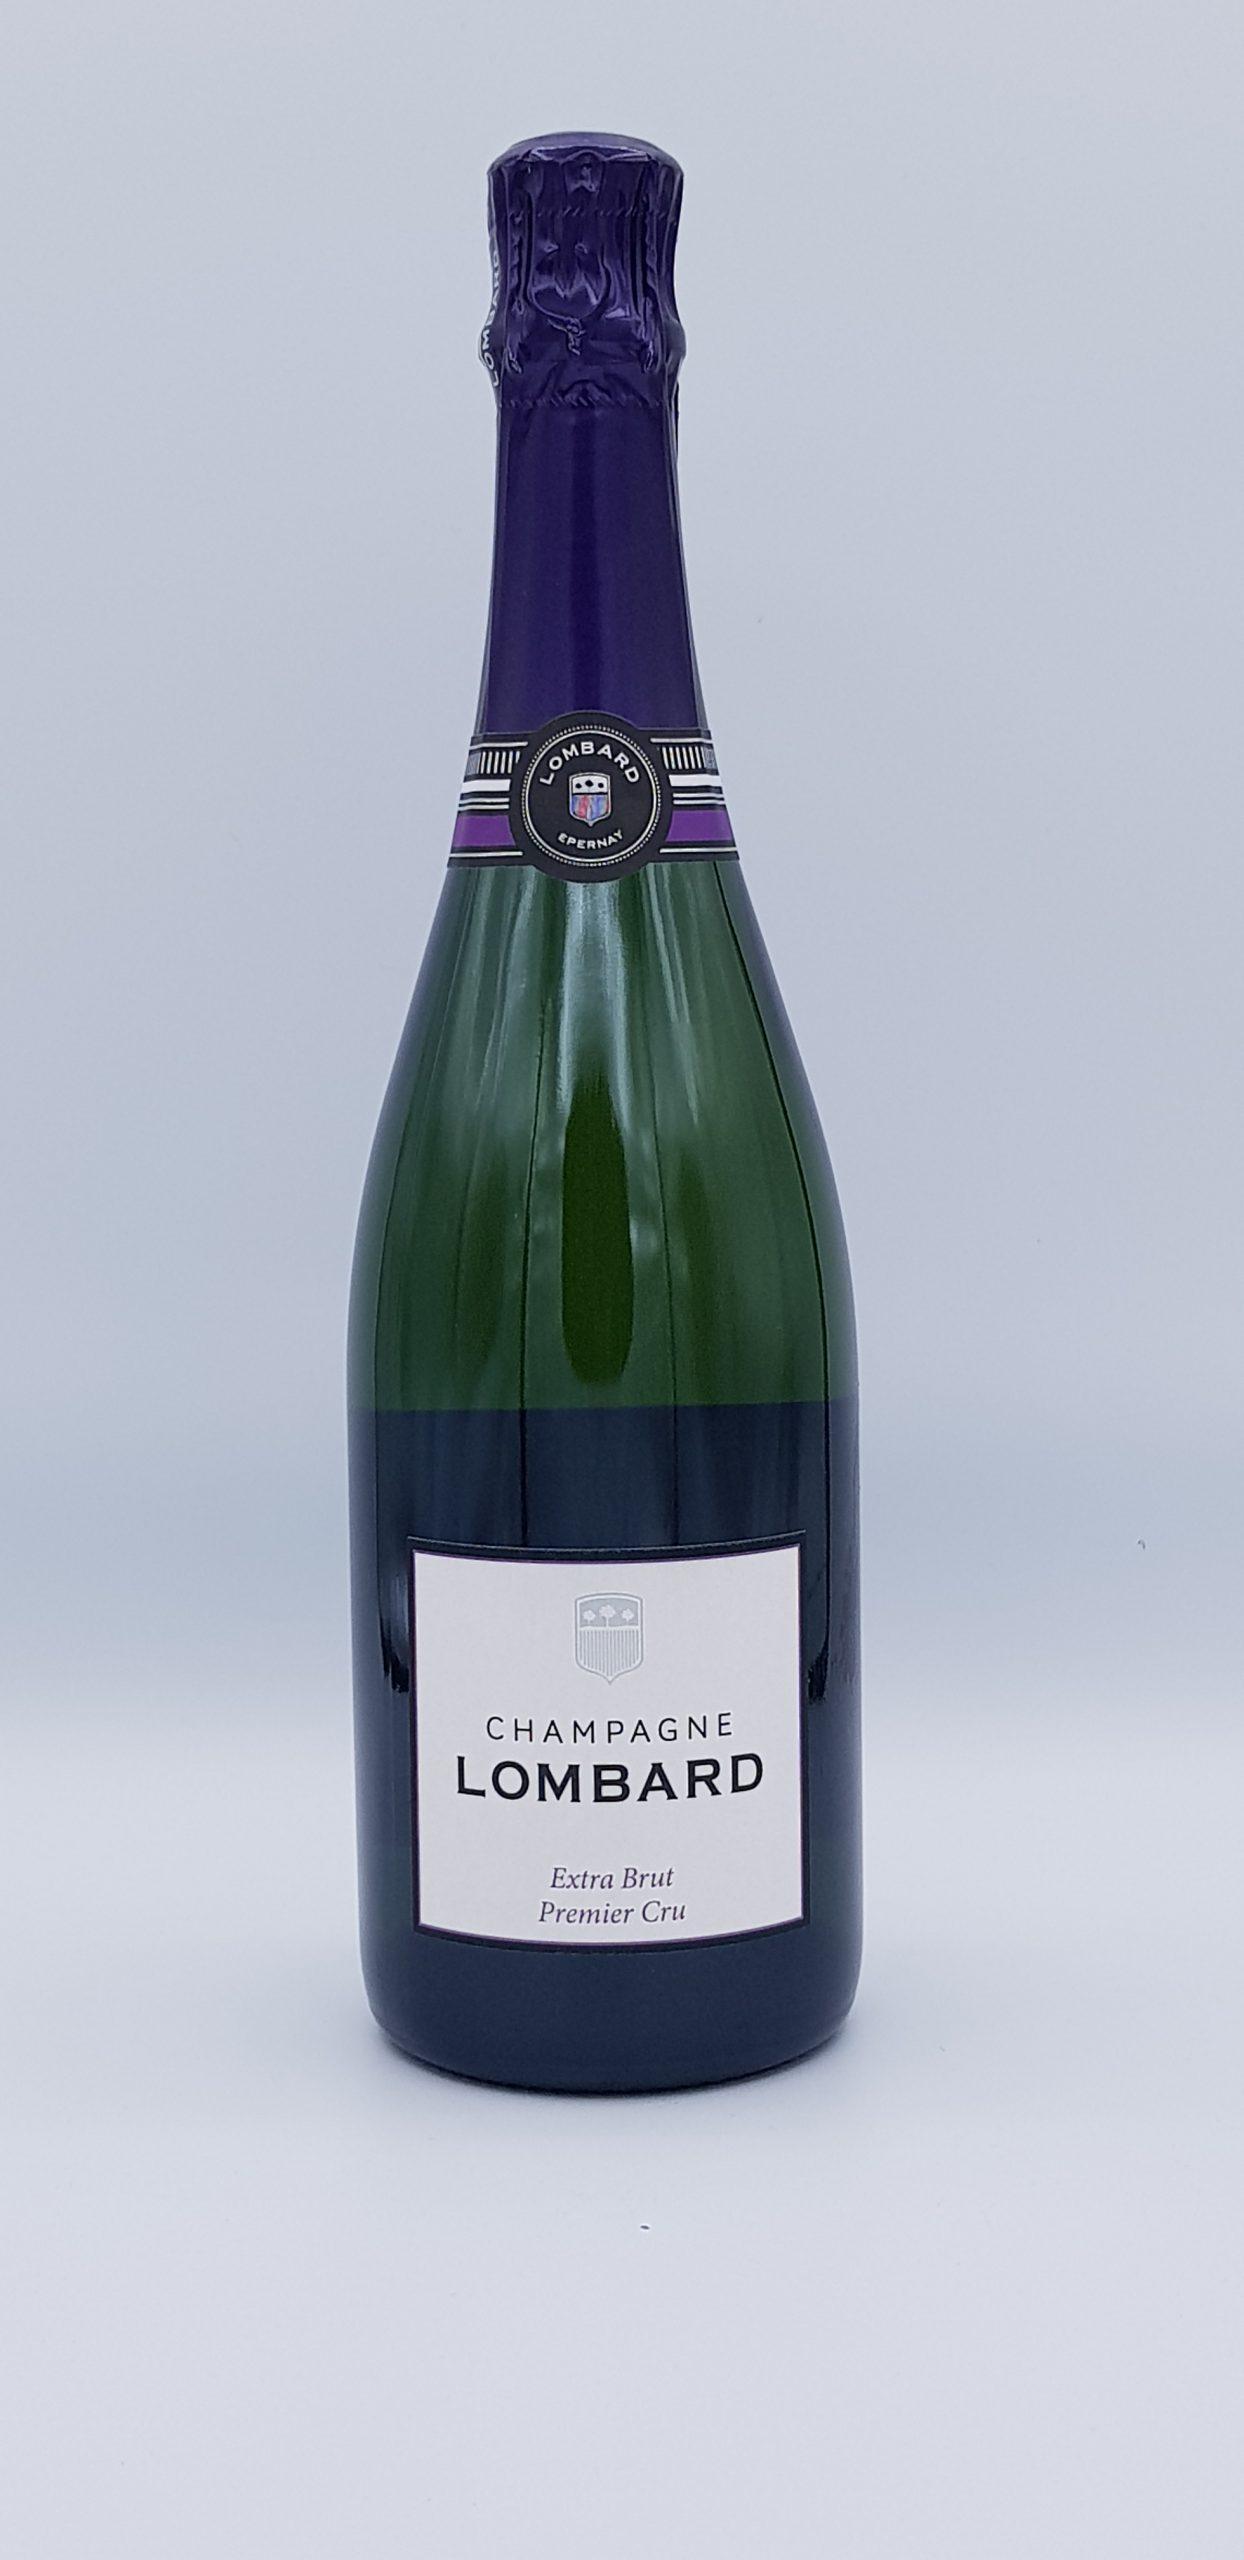 Champagne Lombard Brut 1Er Cru Extra Brut